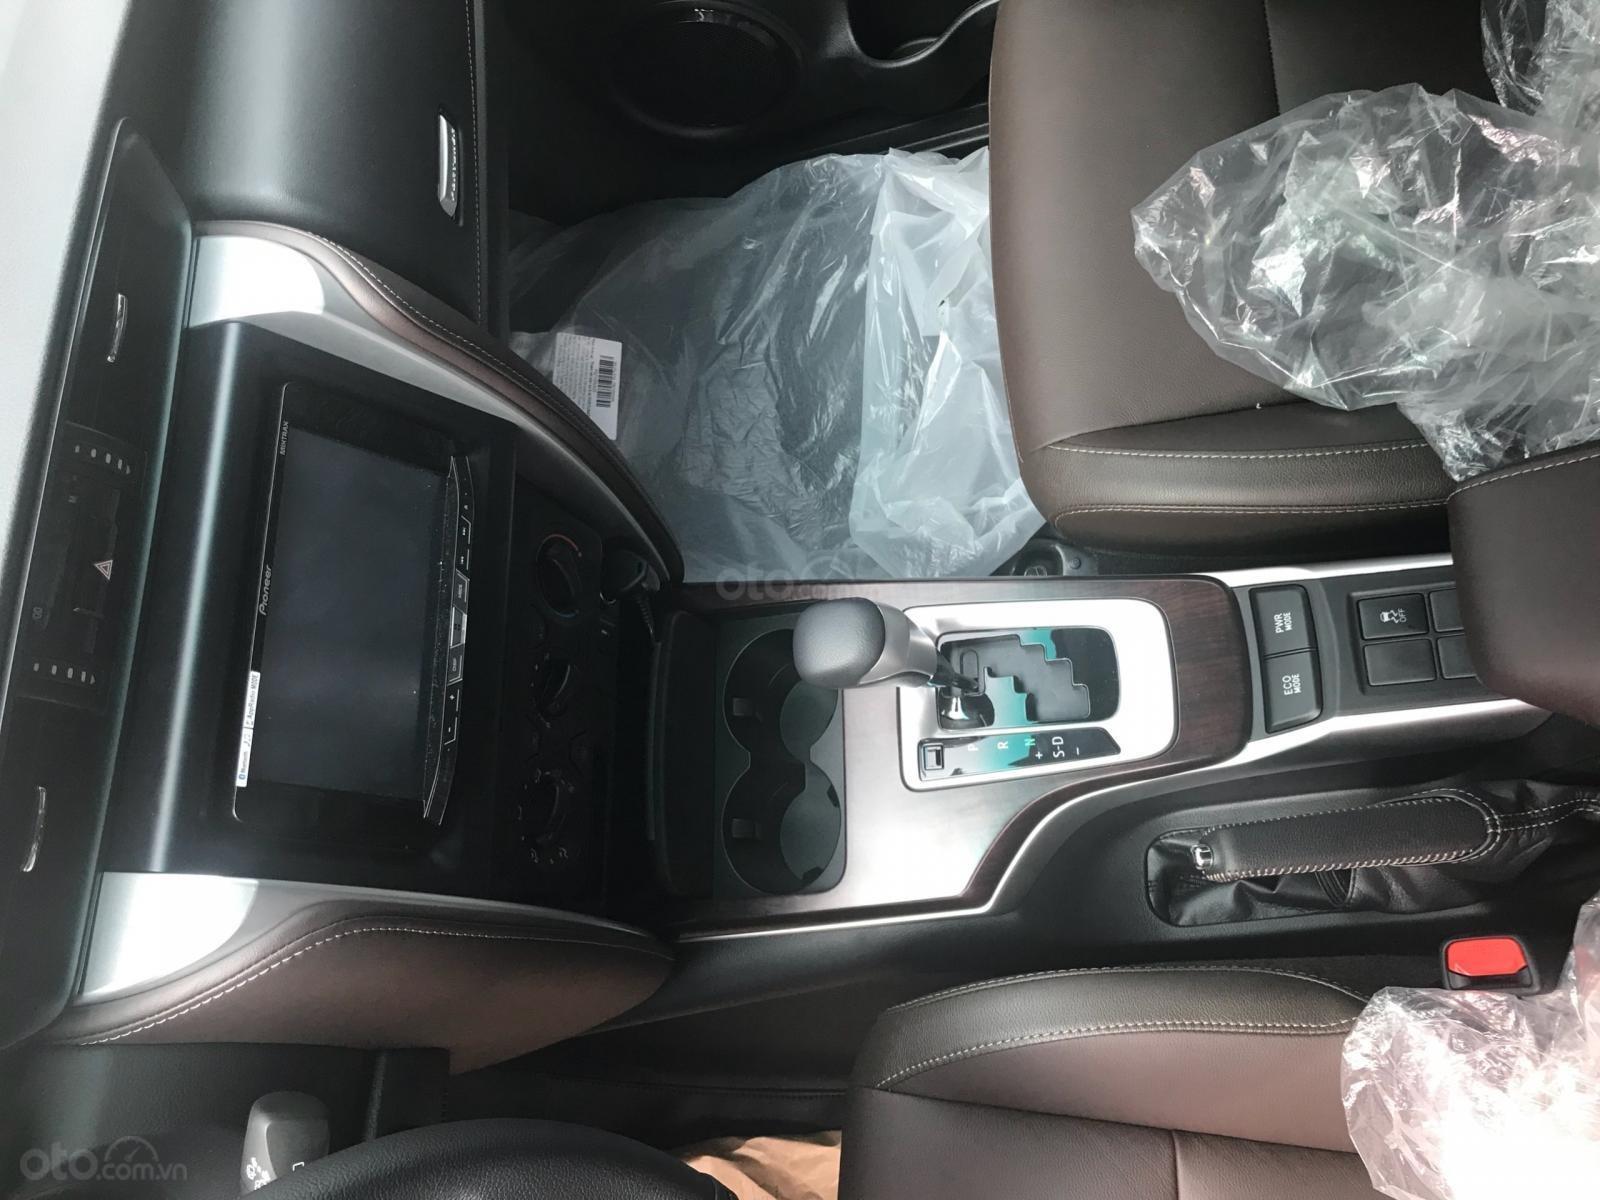 Toyota Tân Cảng Fortuner 2.4G máy dầu, tự động, xe giao ngay đủ màu 280tr nhận xe - LH 0933000600 (3)